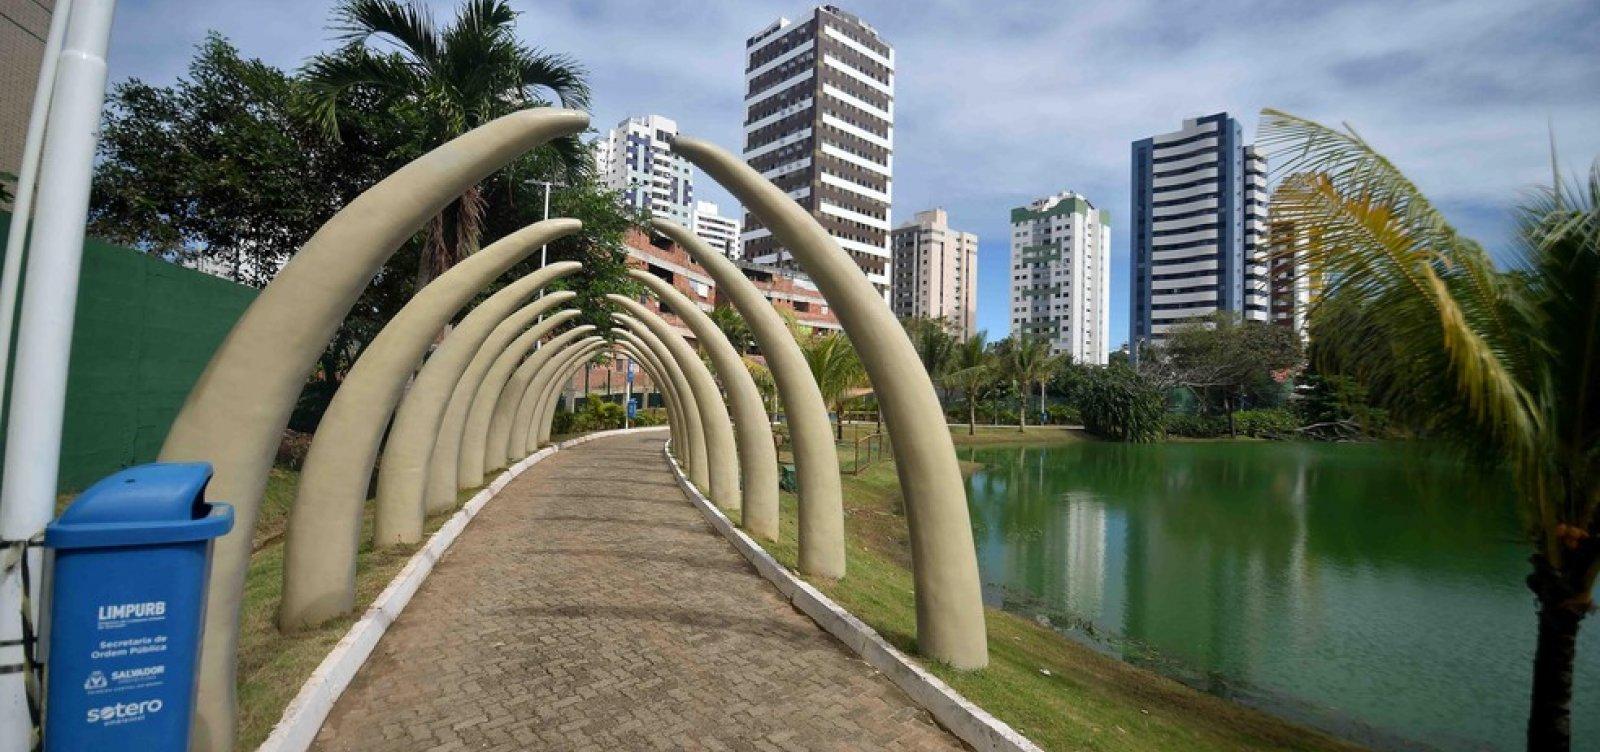 Parques públicos de Salvador voltam a abrir aos domingos a partir deste fim de semana